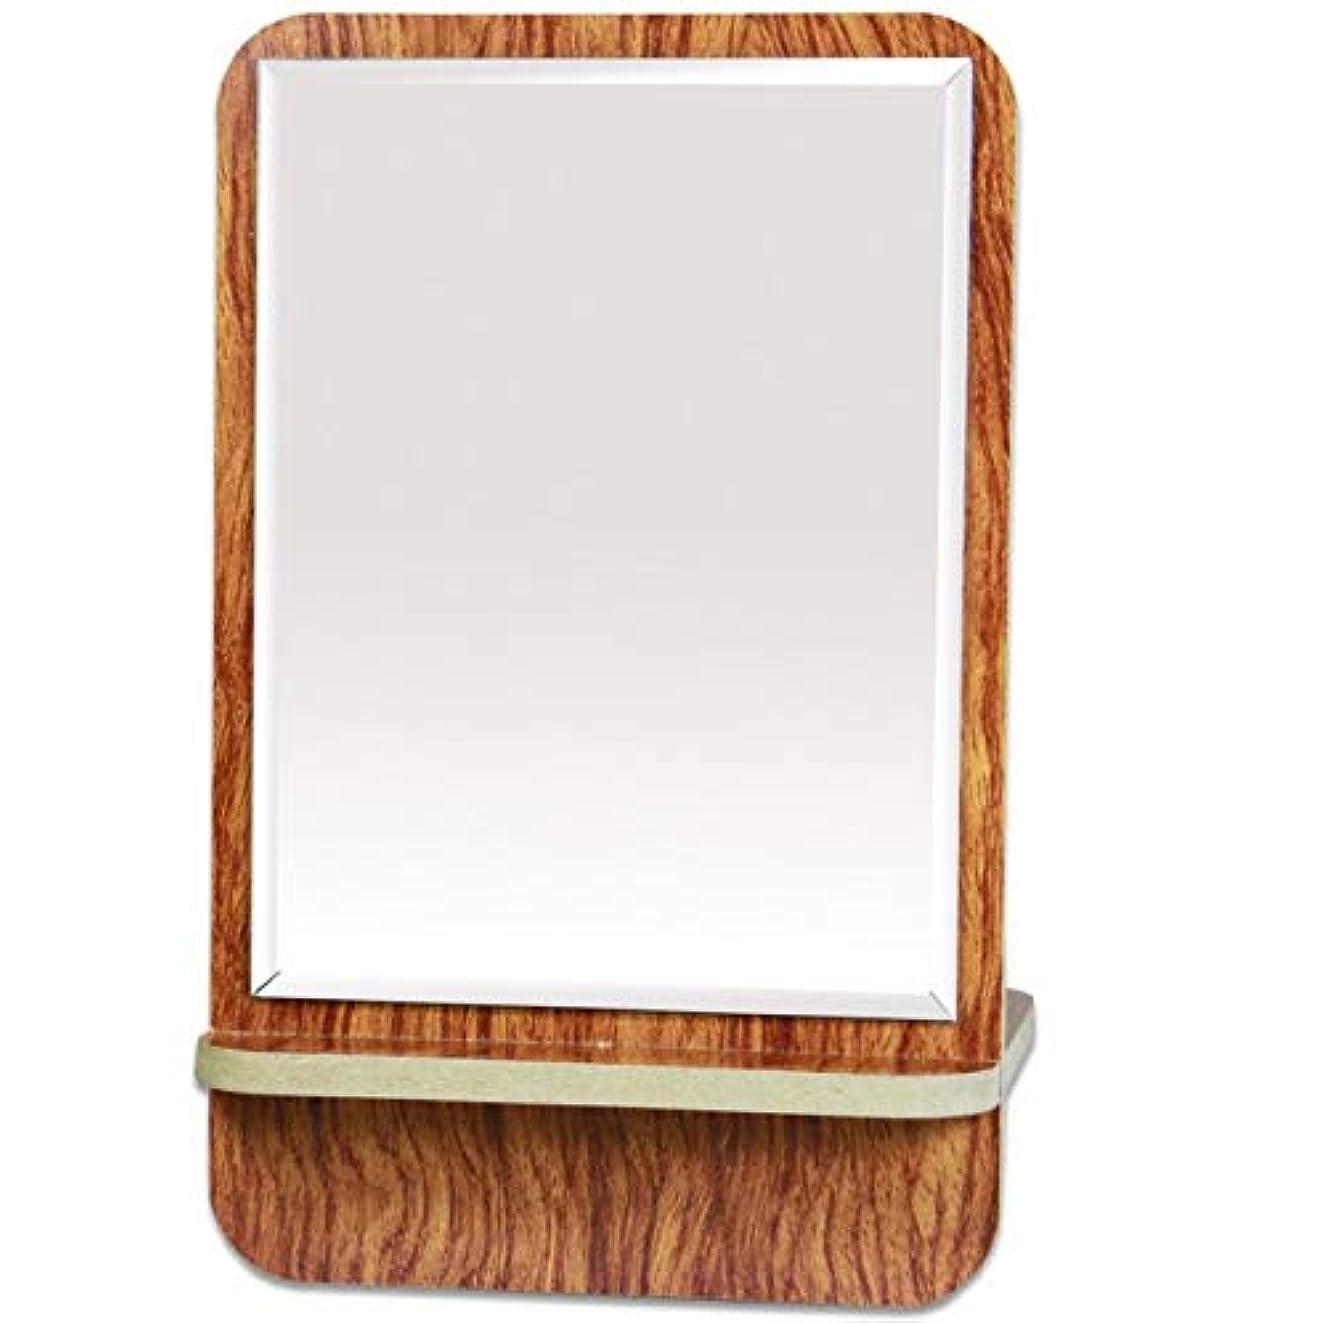 マイナスギャラントリーホスト化粧鏡、木製の鏡、デスクトップ化粧鏡、化粧ギフト